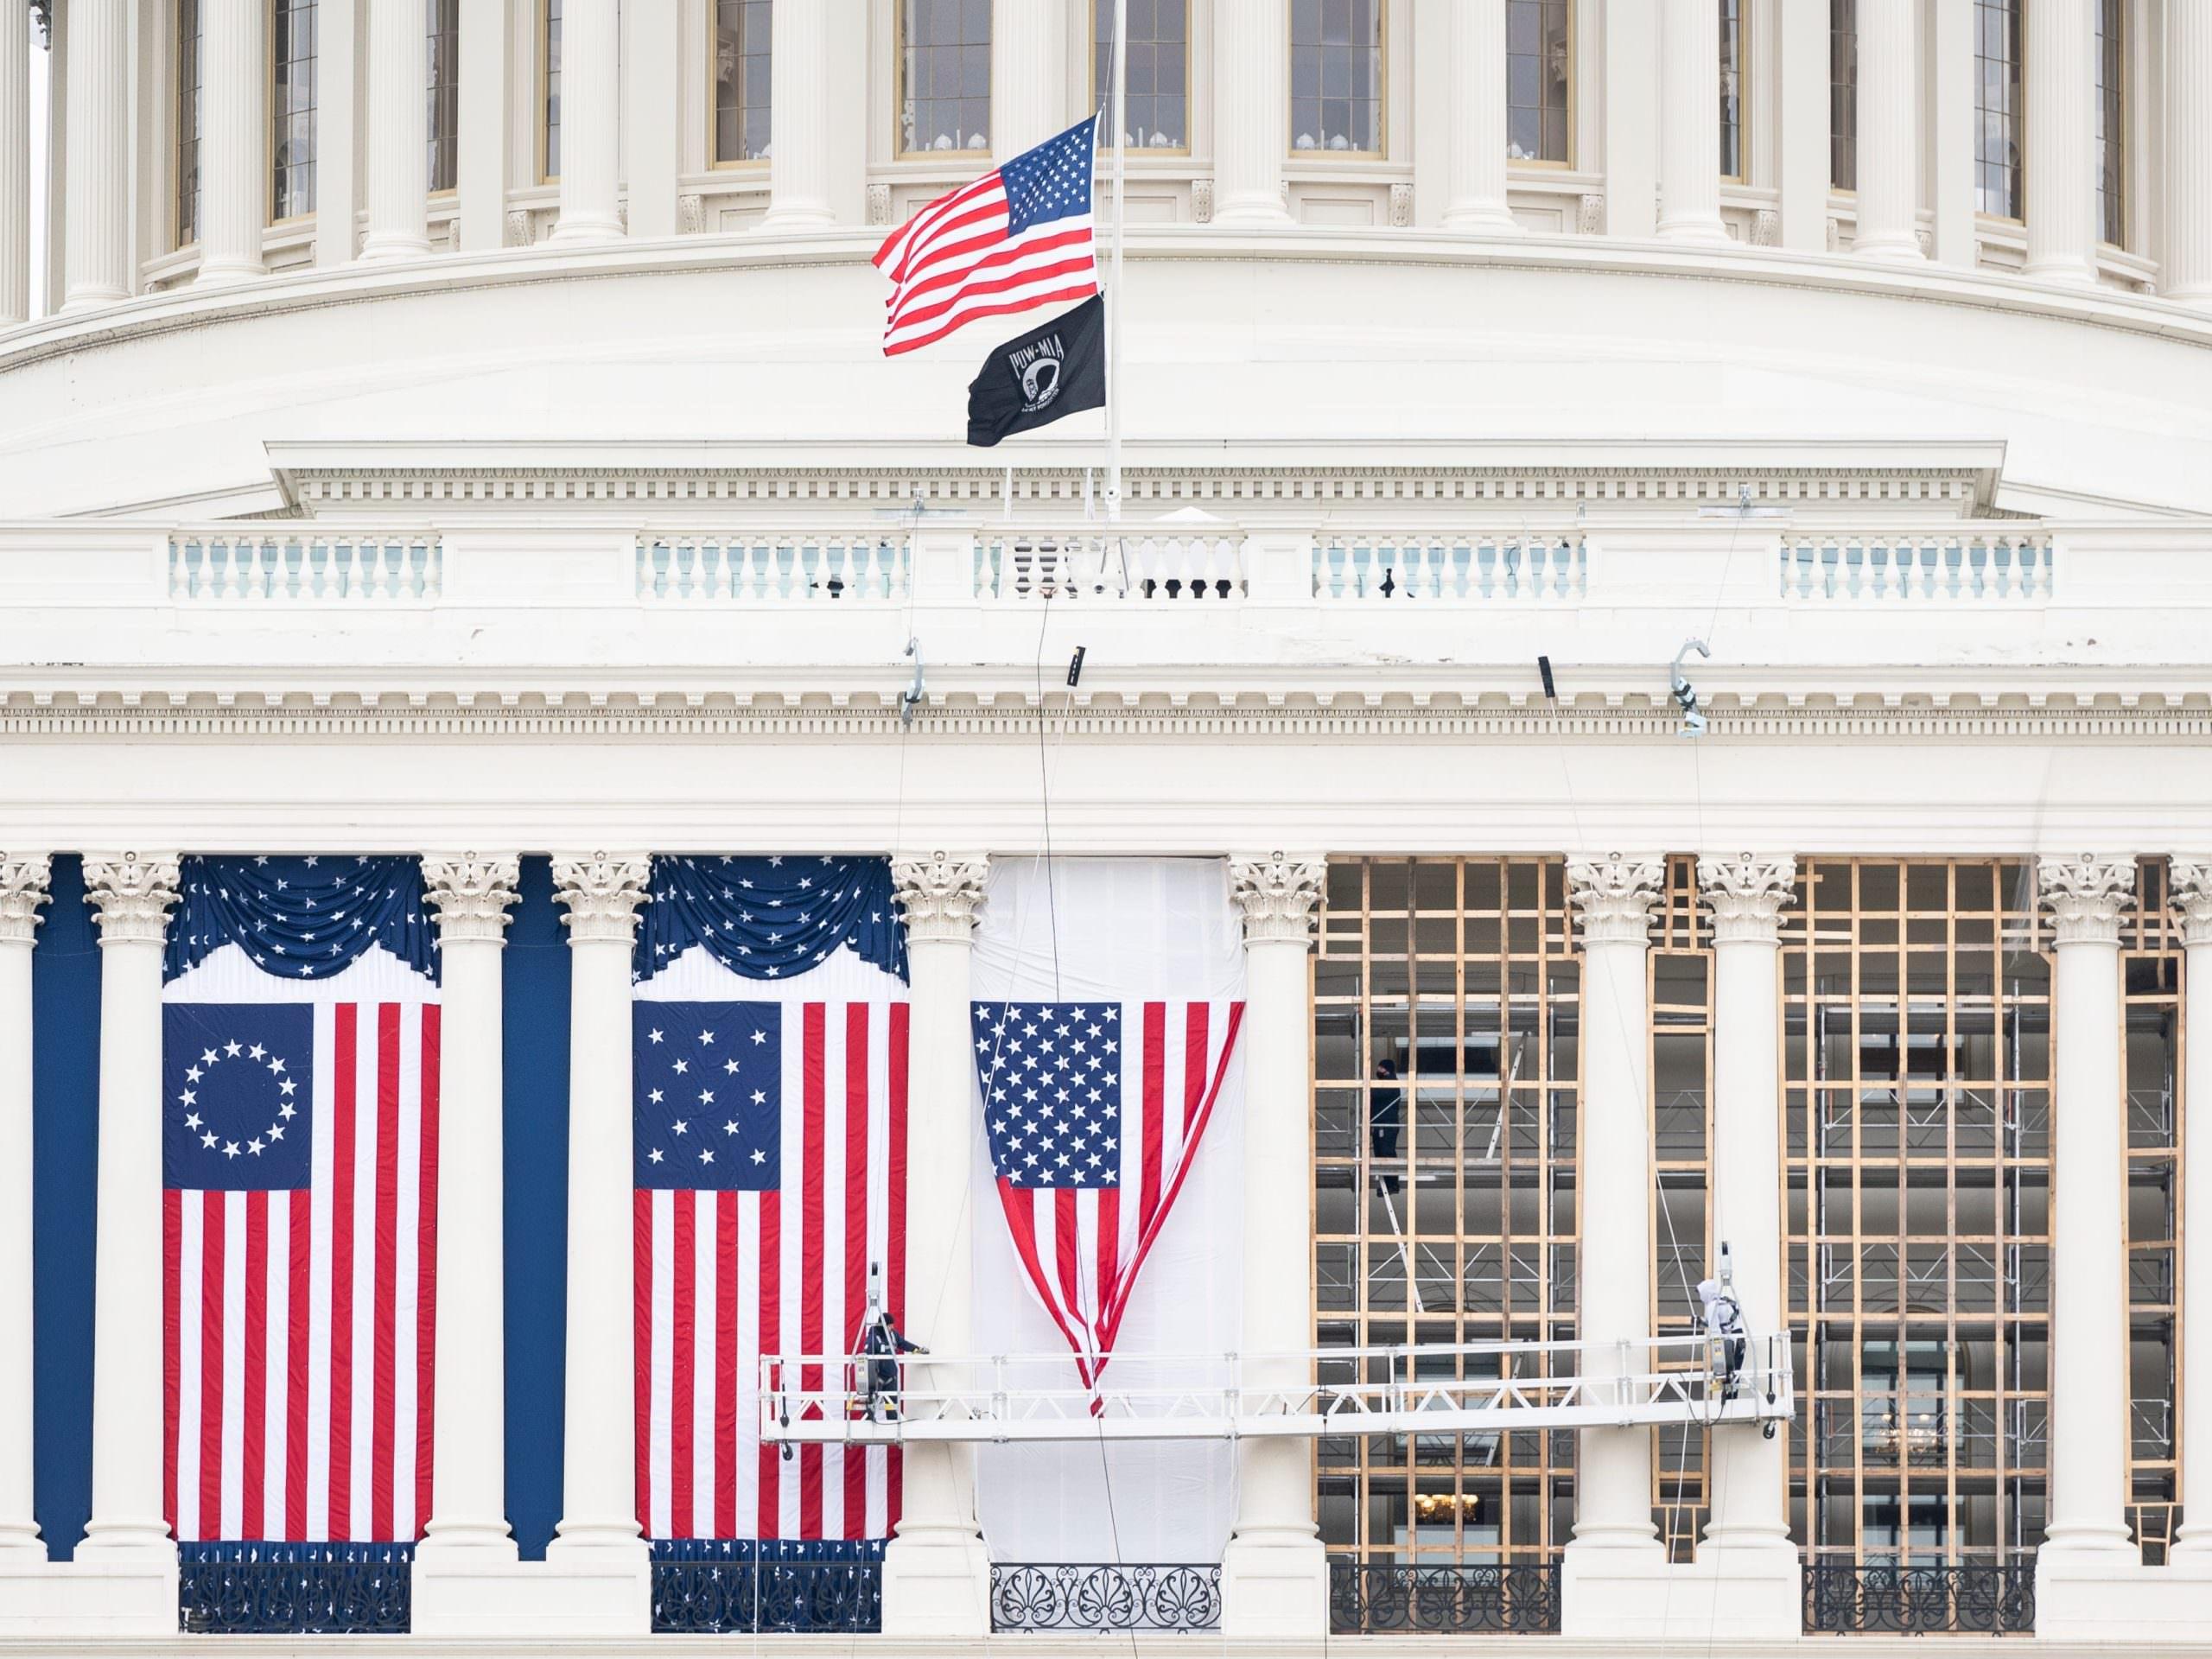 Cinco coisas que você precisa saber sobre os mercados esta semana – Biden, grandes bancos e bancos centrais, rendimentos de títulos e Bitcoin